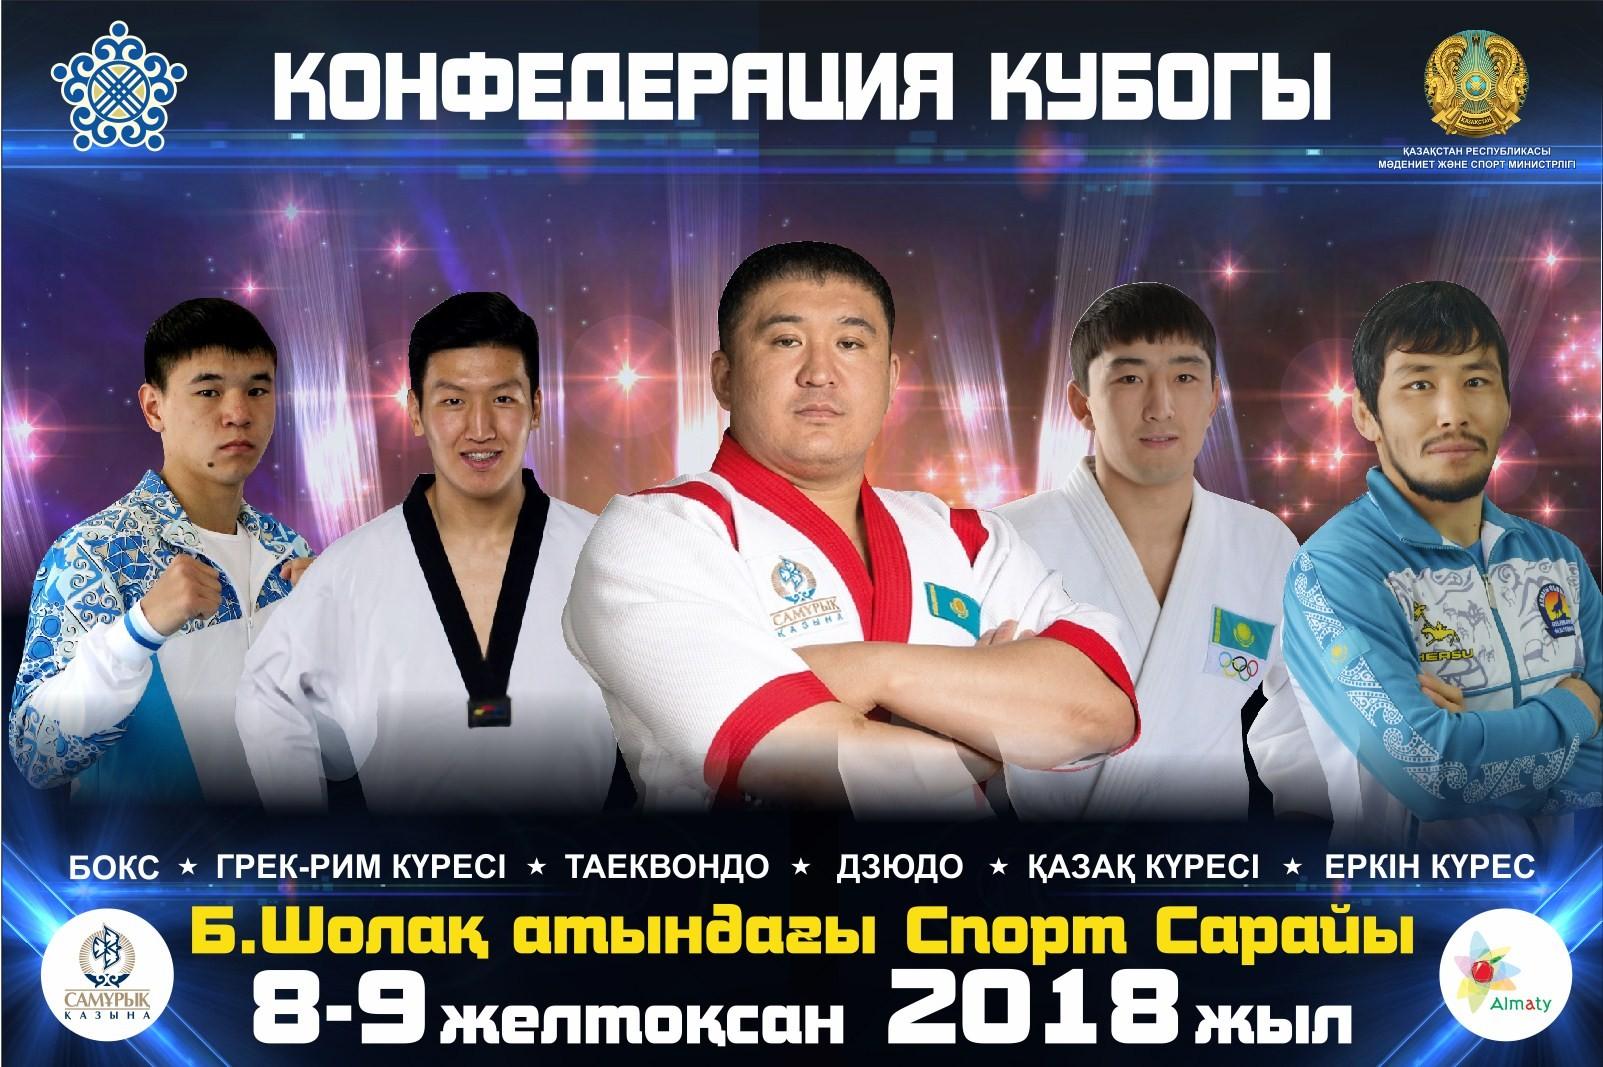 В Алматы состоится финальный этап Кубка Конфедерации 2018 года